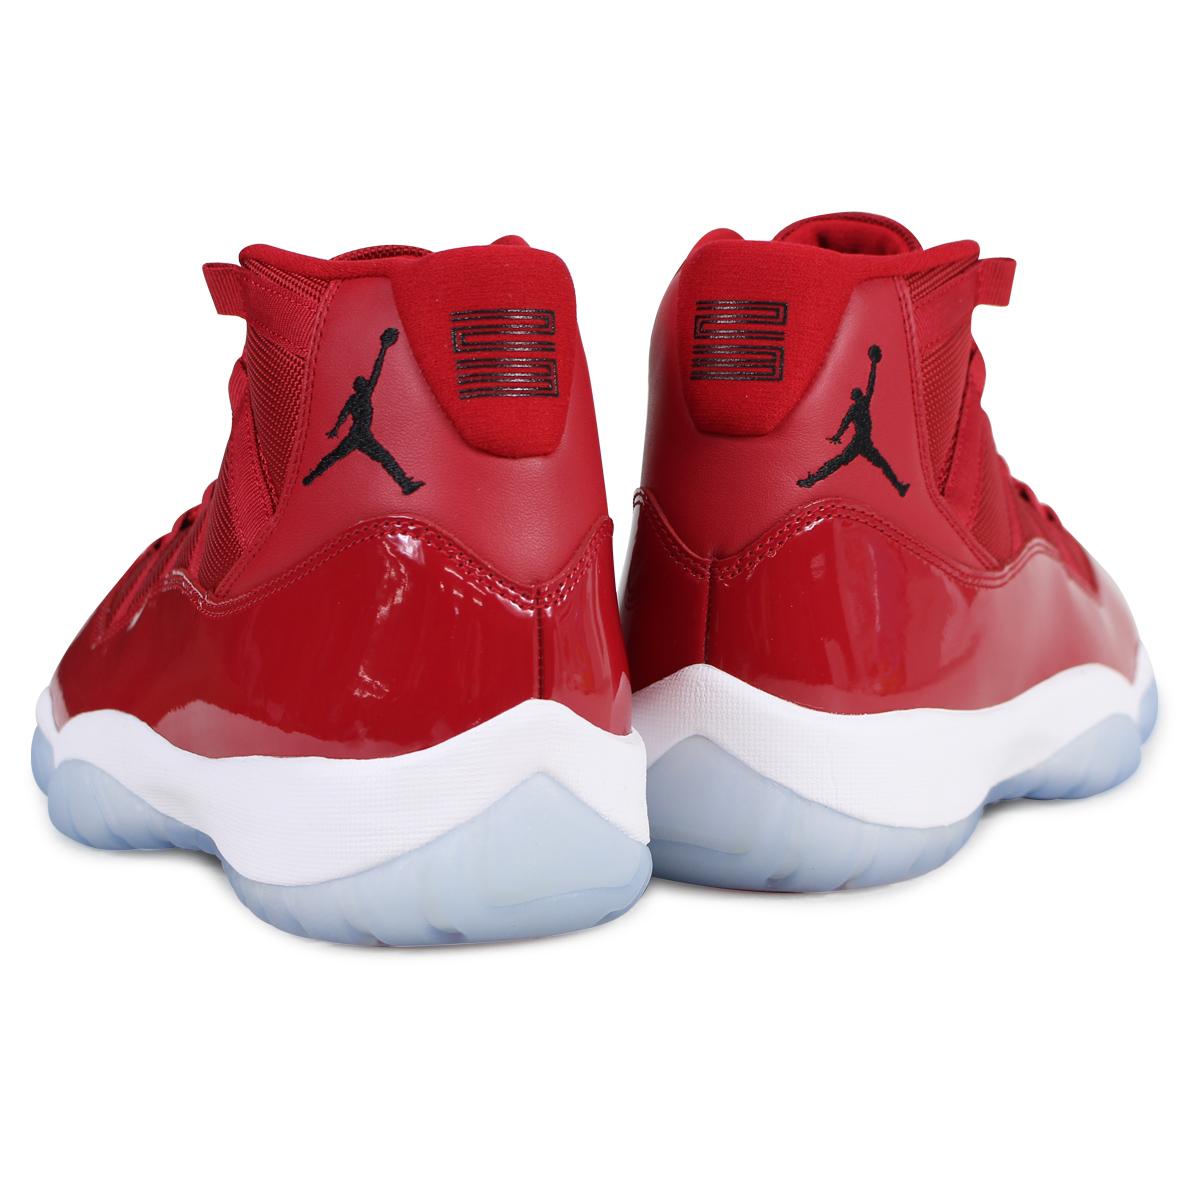 another chance 37eee 5c17d NIKE AIR JORDAN 11 RETRO WIN LIKE 96 Nike Air Jordan 11 nostalgic sneakers  378,037-623 men's red